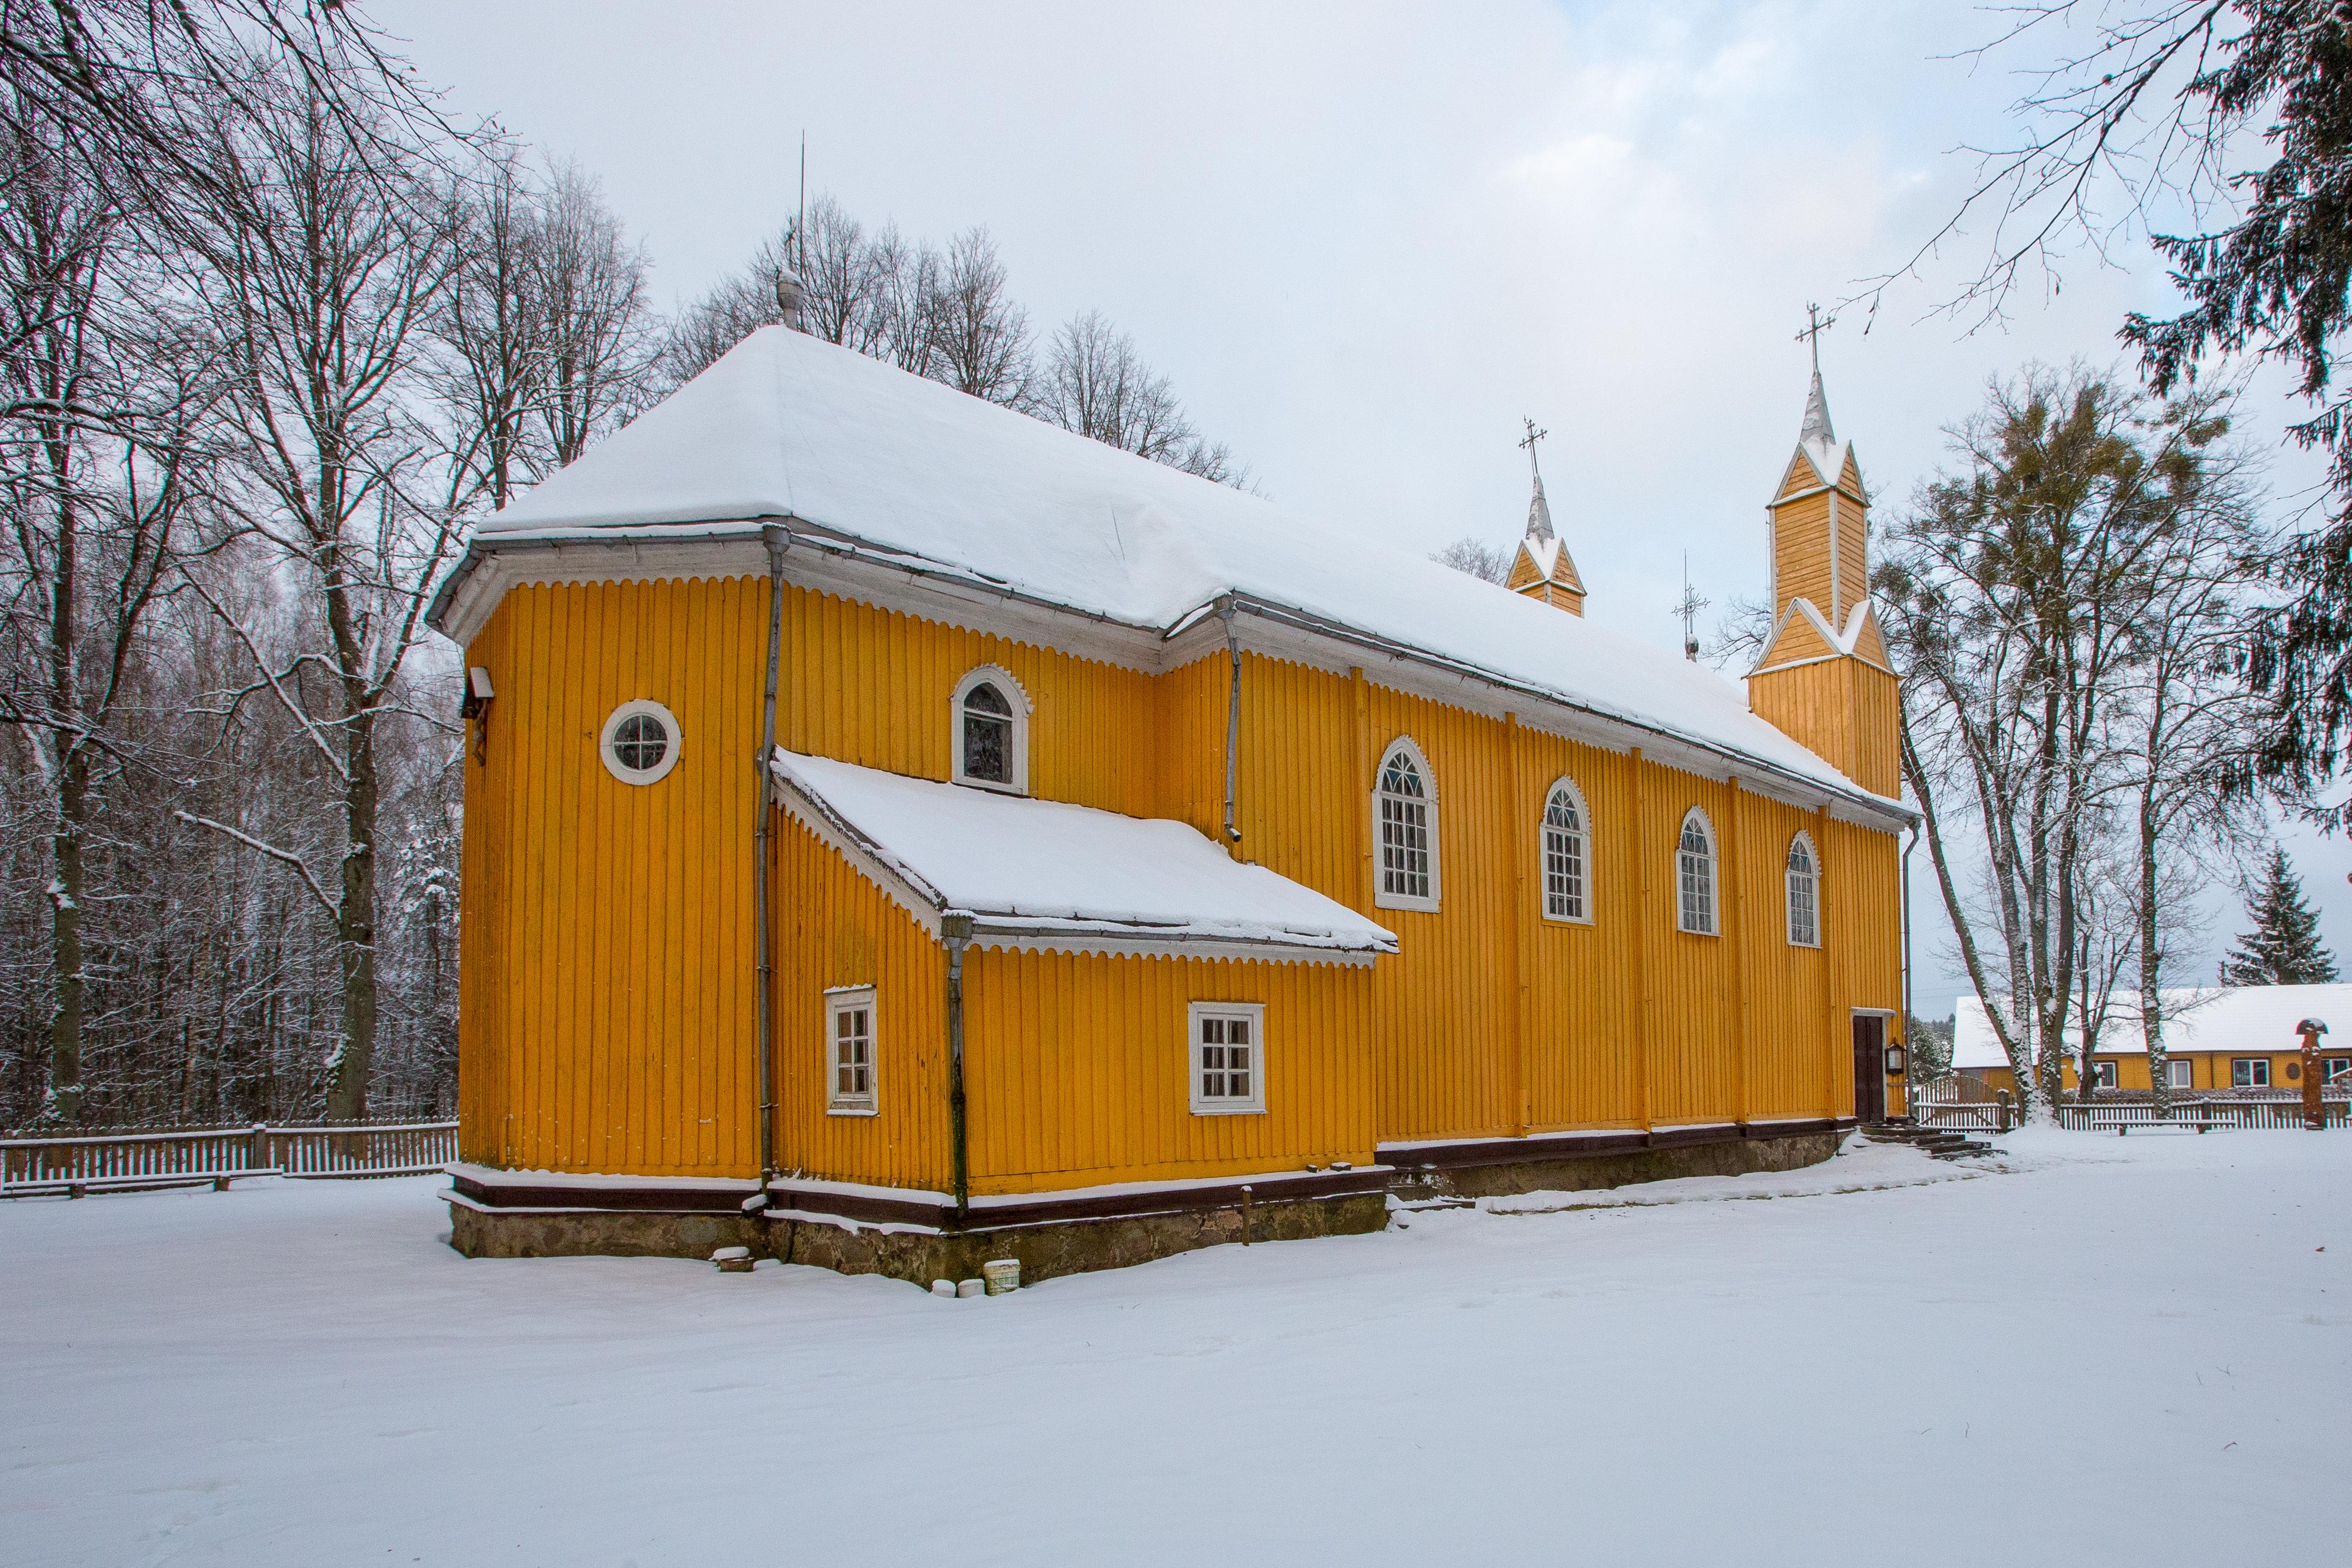 Dėl savo unikalumo ir ilgaamžiškumo senoji liaudies architektūra – itin vertinama. Vienas iš jos pavyzdžių, kurių esama ne tiek ir daug – senoji Kabelių Švč. Mergelės Marijos Ėmimo į dangų bažnyčia. Ryškiai geltona ir savitumu alsuojanti bažnyčia puošia Kabelių kaimą, nuo Marcinkonių nutolusį per 15 km. Bažnyčia jau yra suskaičiavusi pirmąjį savo šimtmetį – pastatyta dar 1911 m.